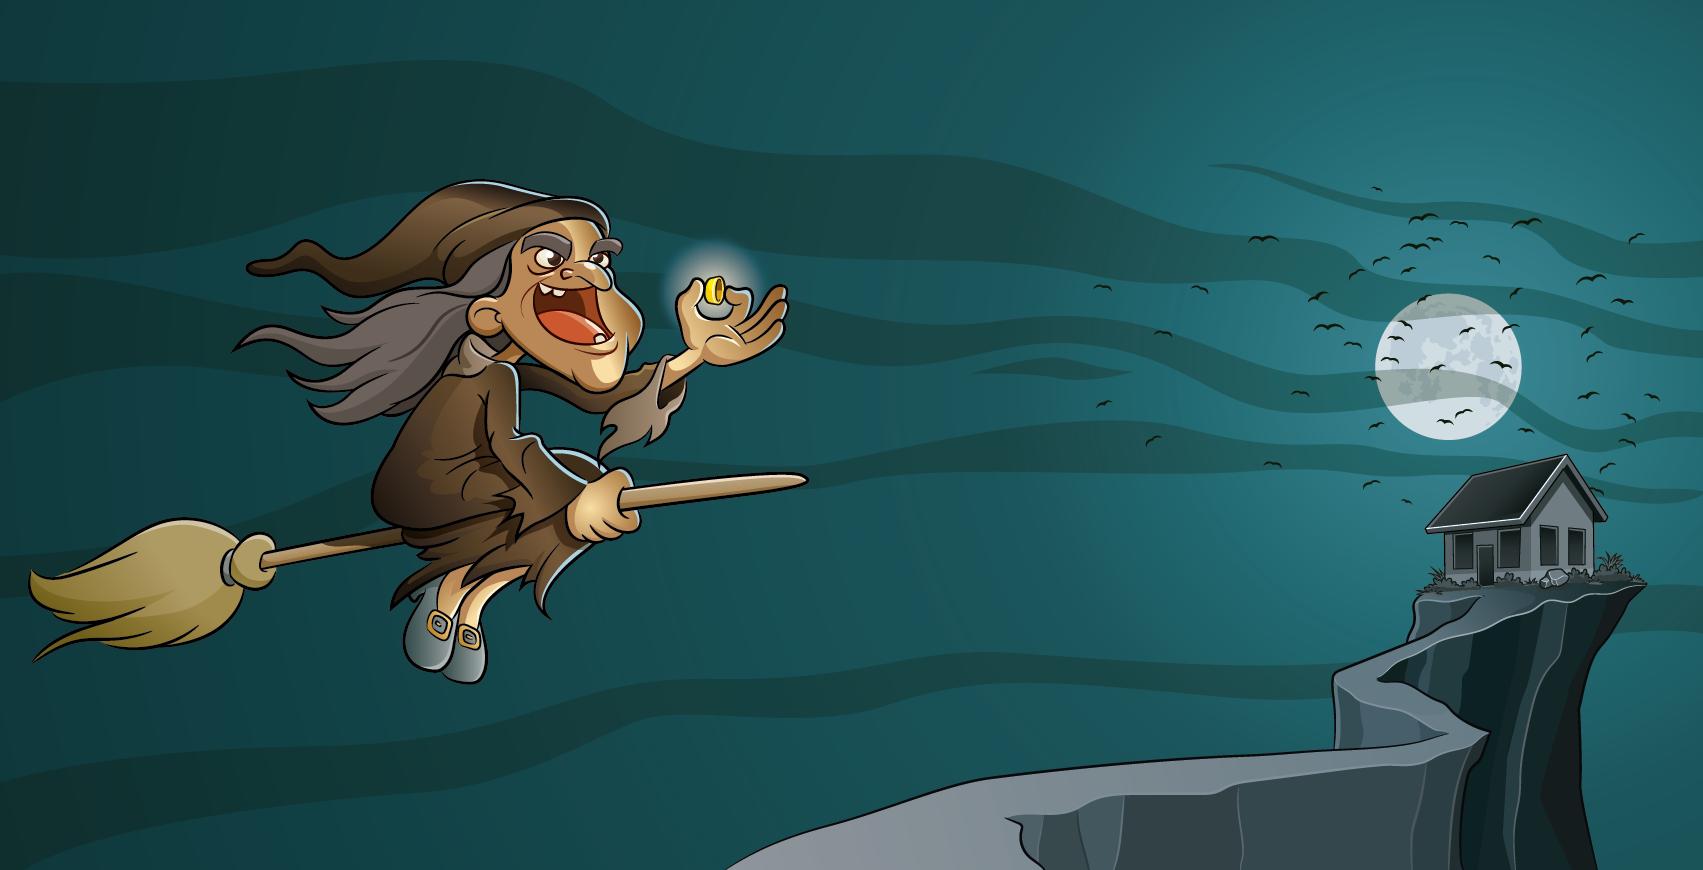 Bruxa e sua vassoura voadora